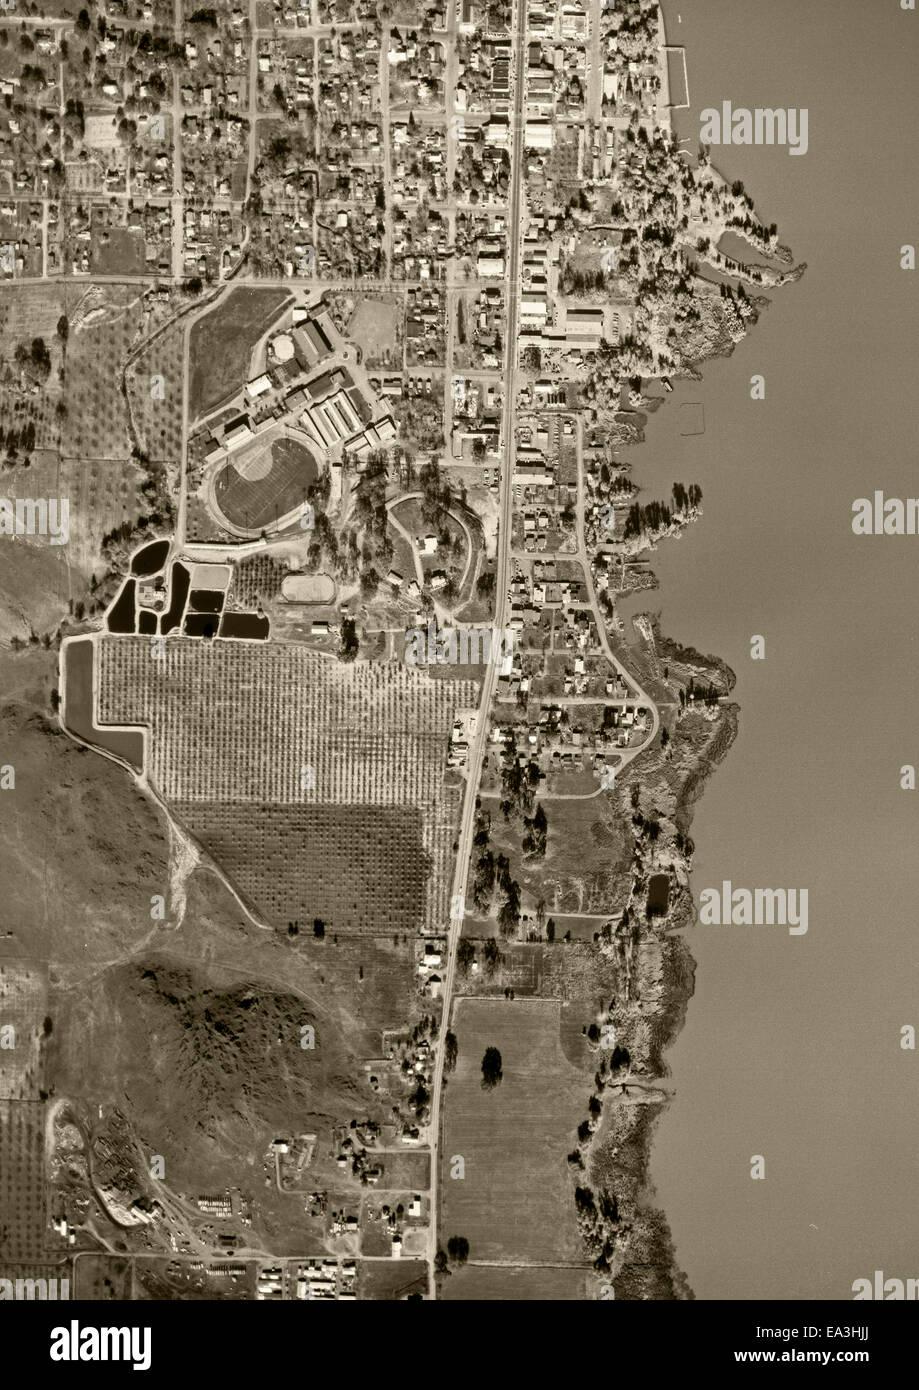 Photographie aérienne historique Photo Stock